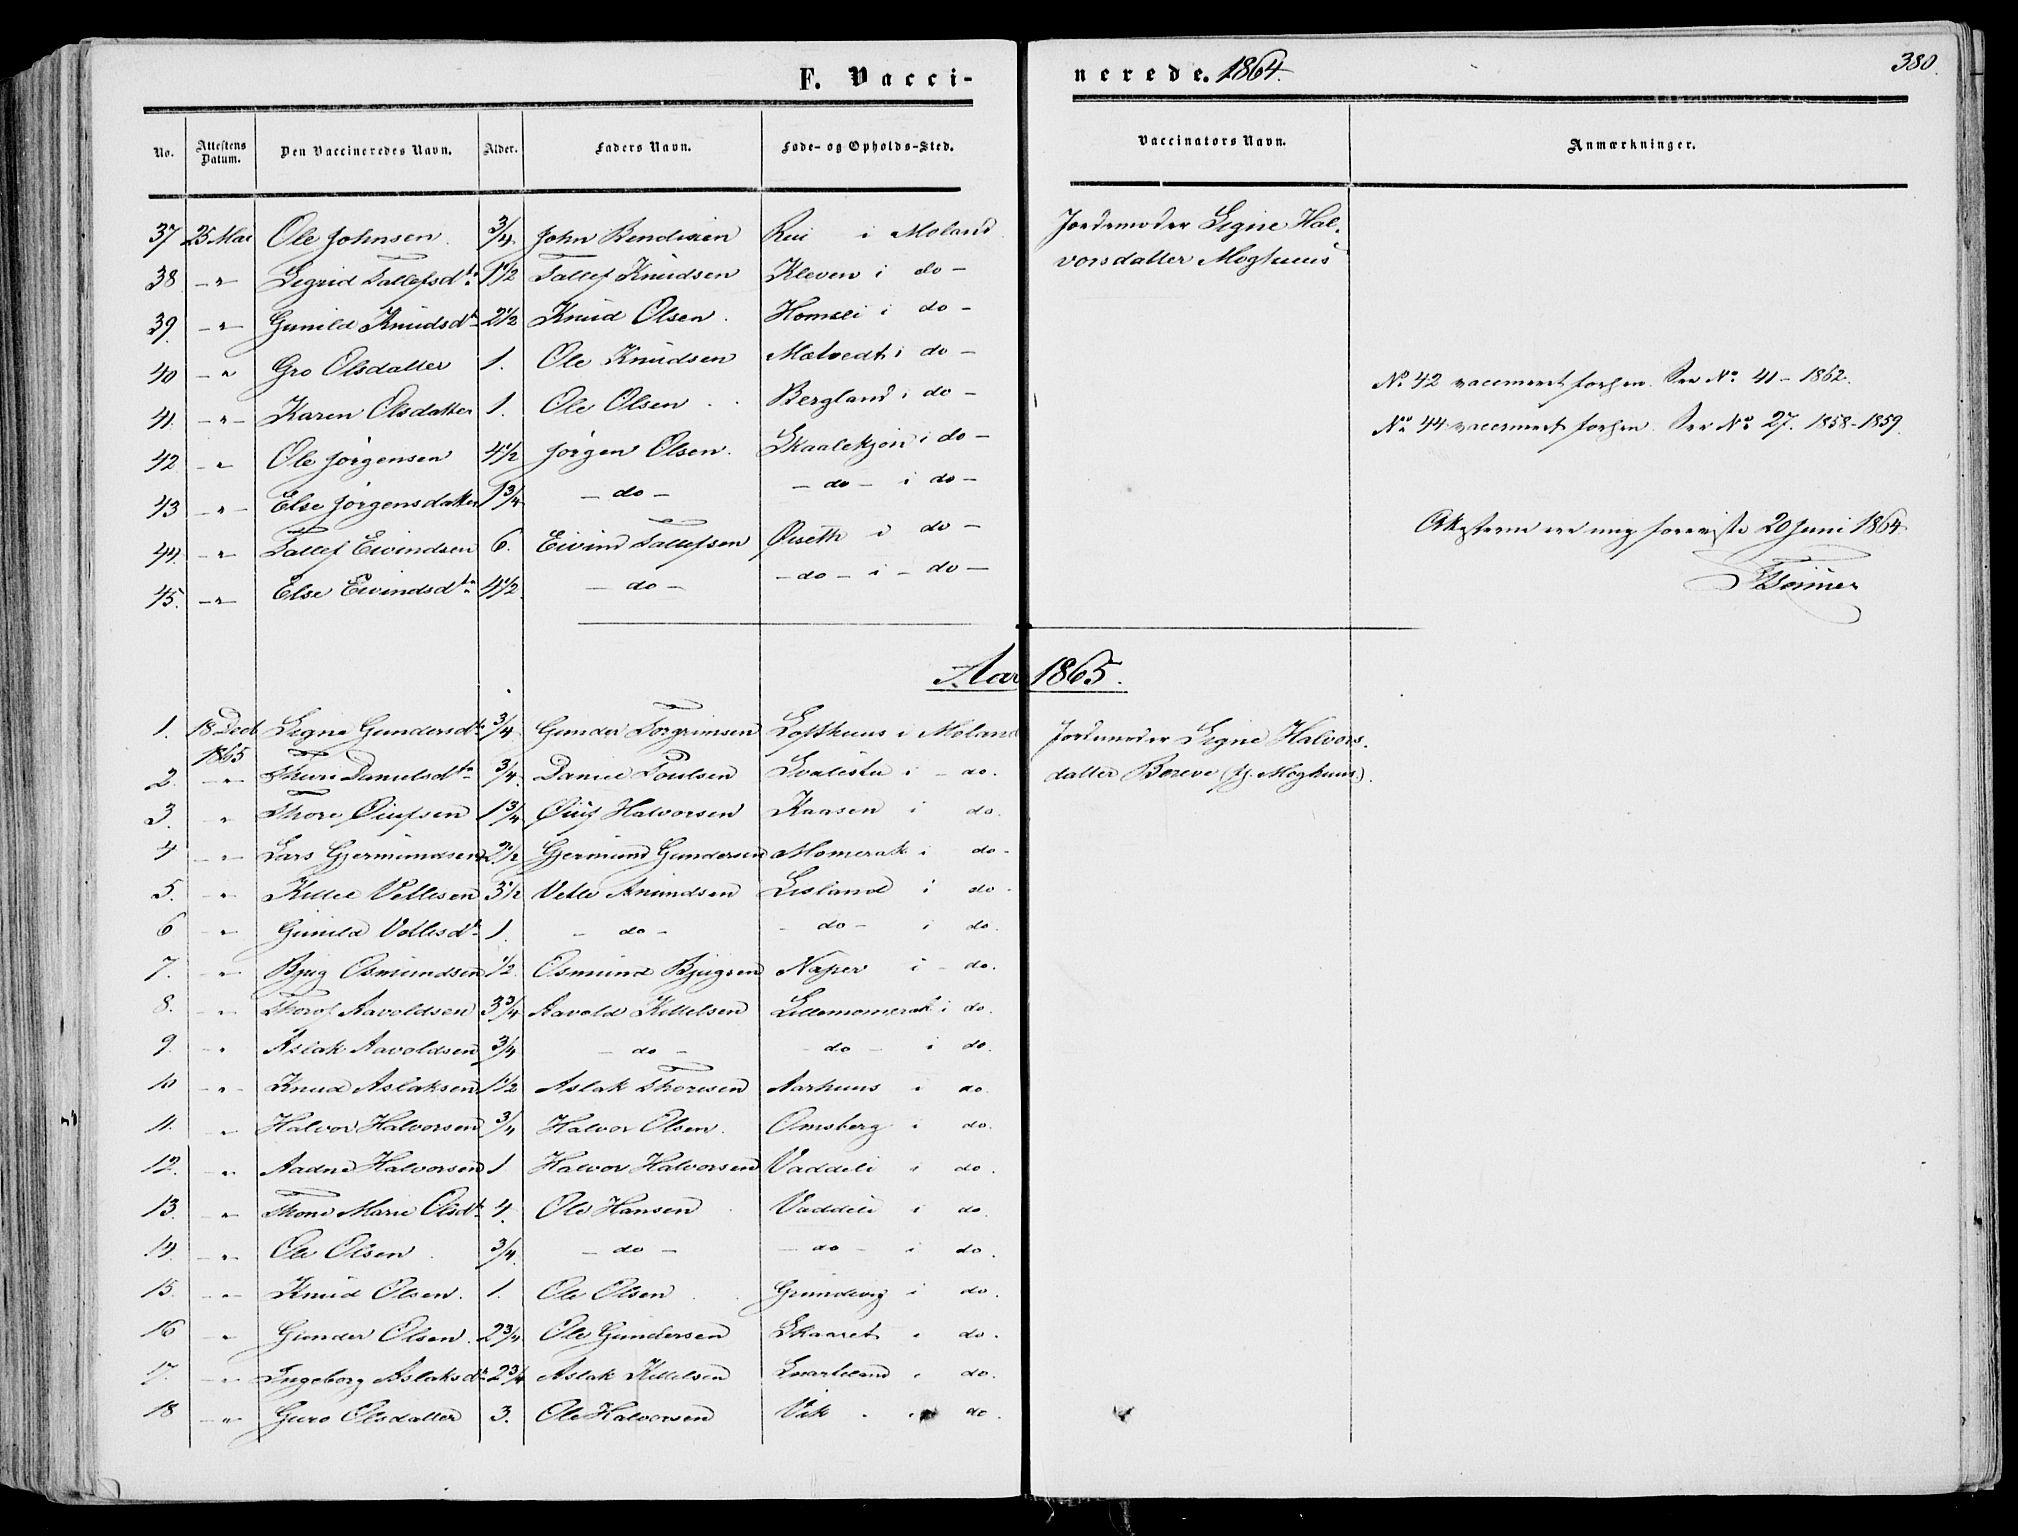 SAKO, Fyresdal kirkebøker, F/Fa/L0005: Ministerialbok nr. I 5, 1855-1871, s. 380